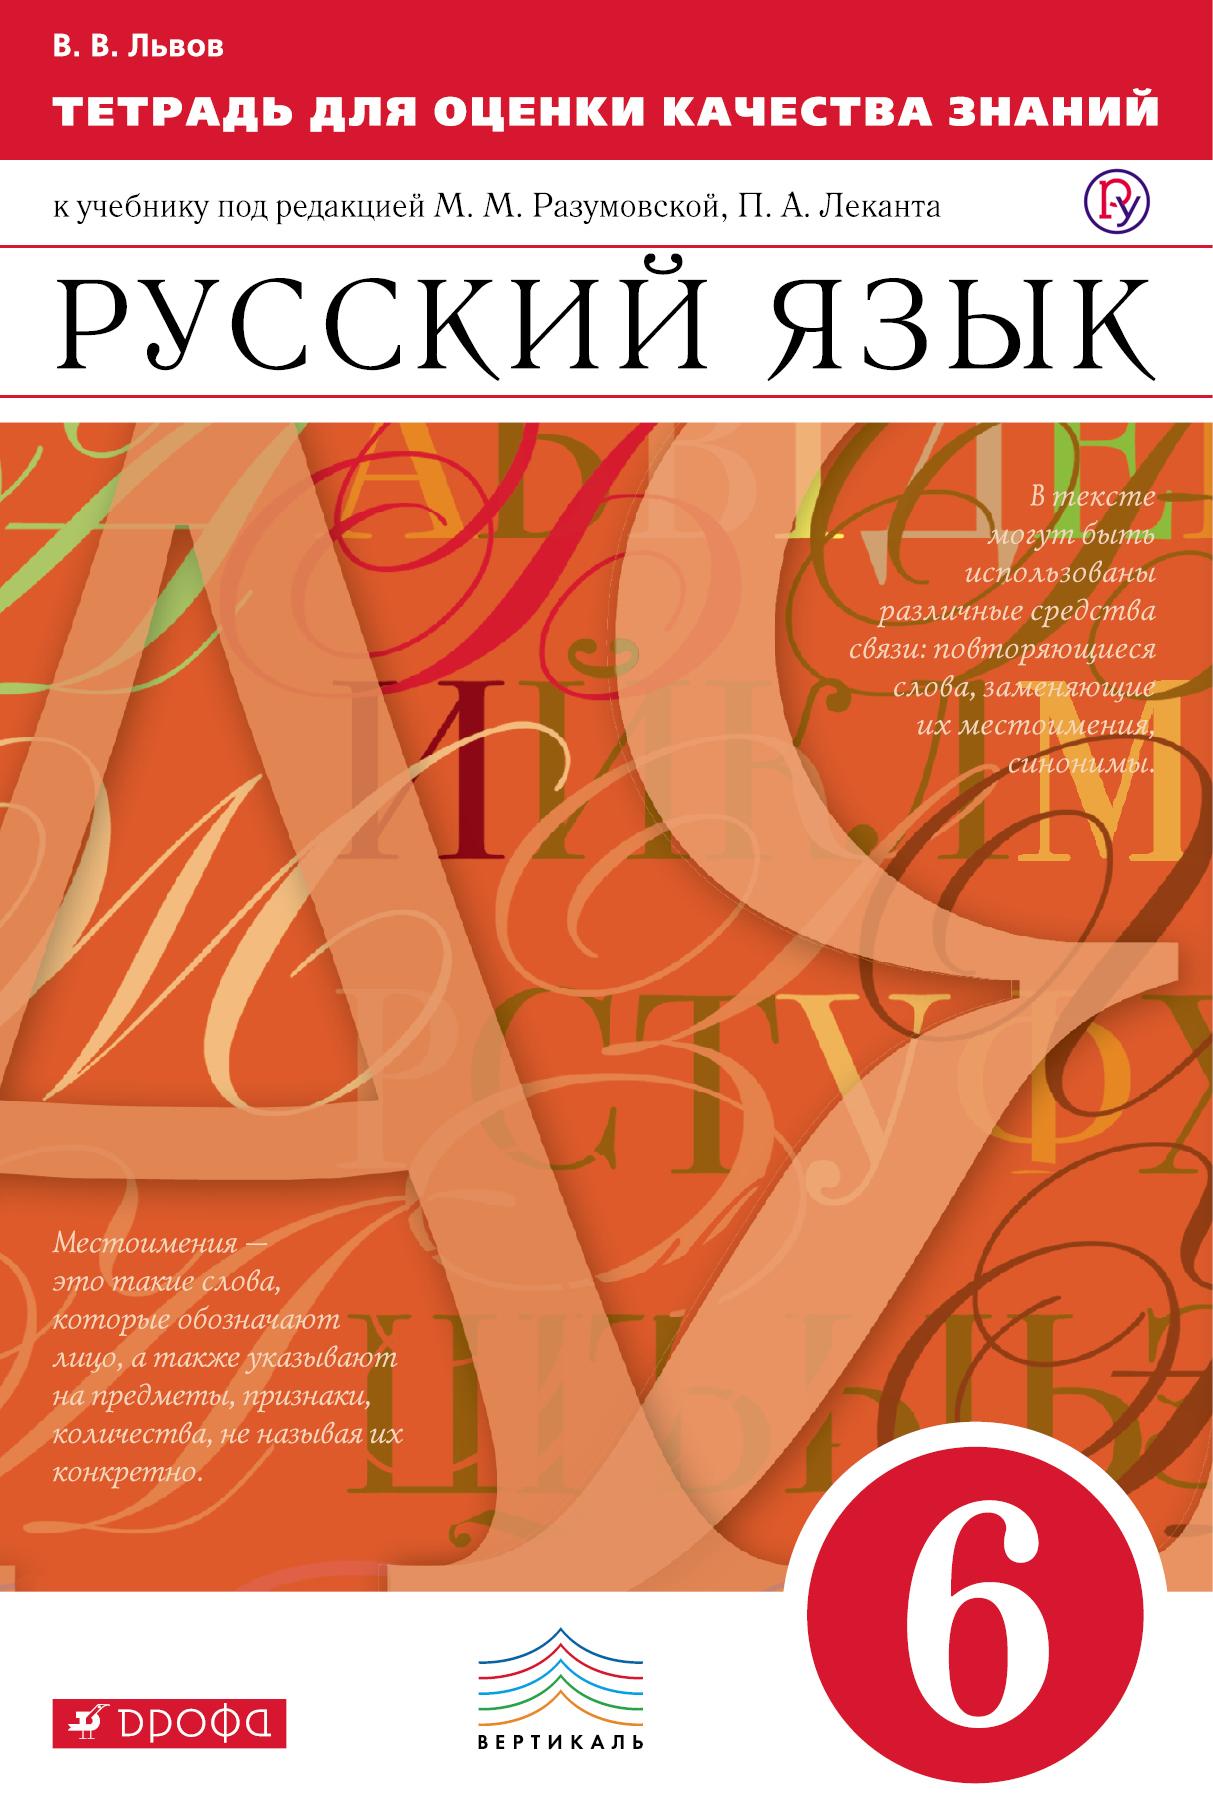 Русский язык 6кл.Тетр./оц.кач.знаний(Львов). ВЕРТИКАЛЬ ( Львов В.В.  )